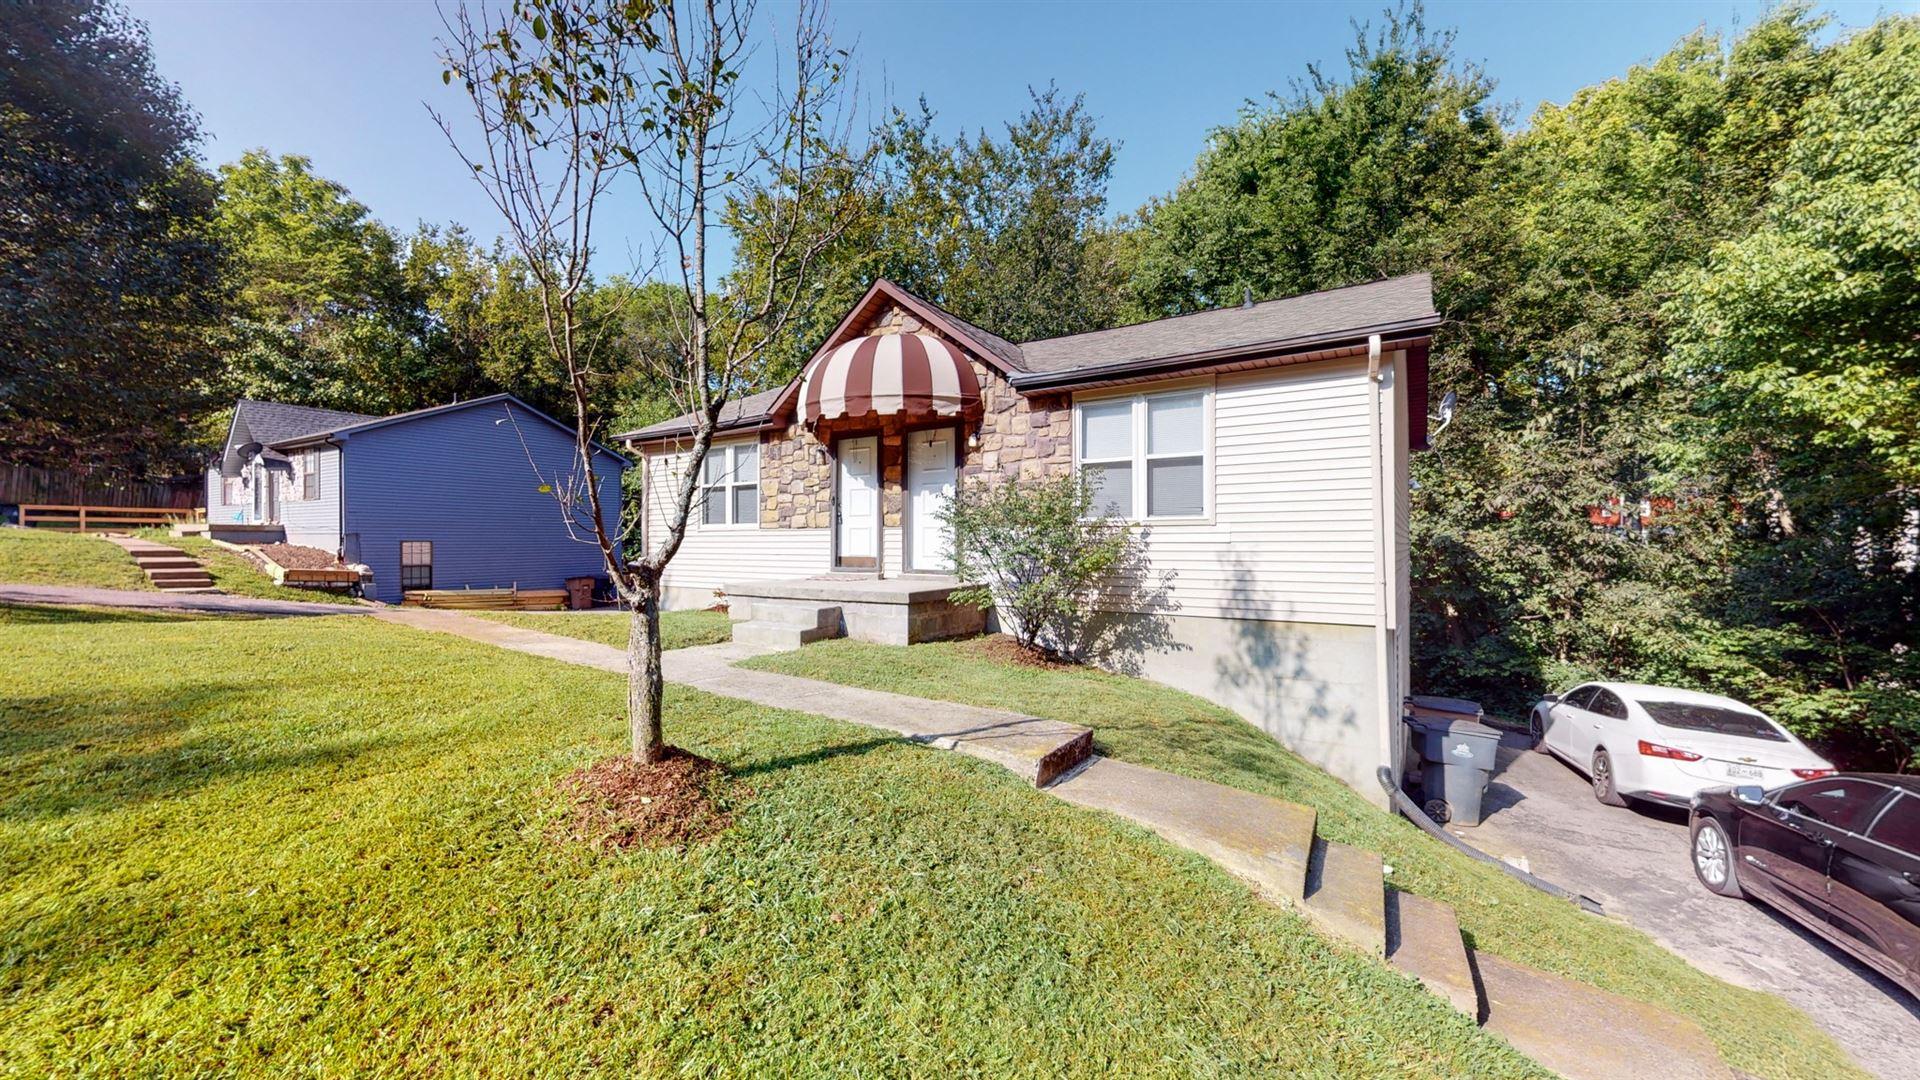 913 Kirby Ave, Nashville, TN 37217 - MLS#: 2289246